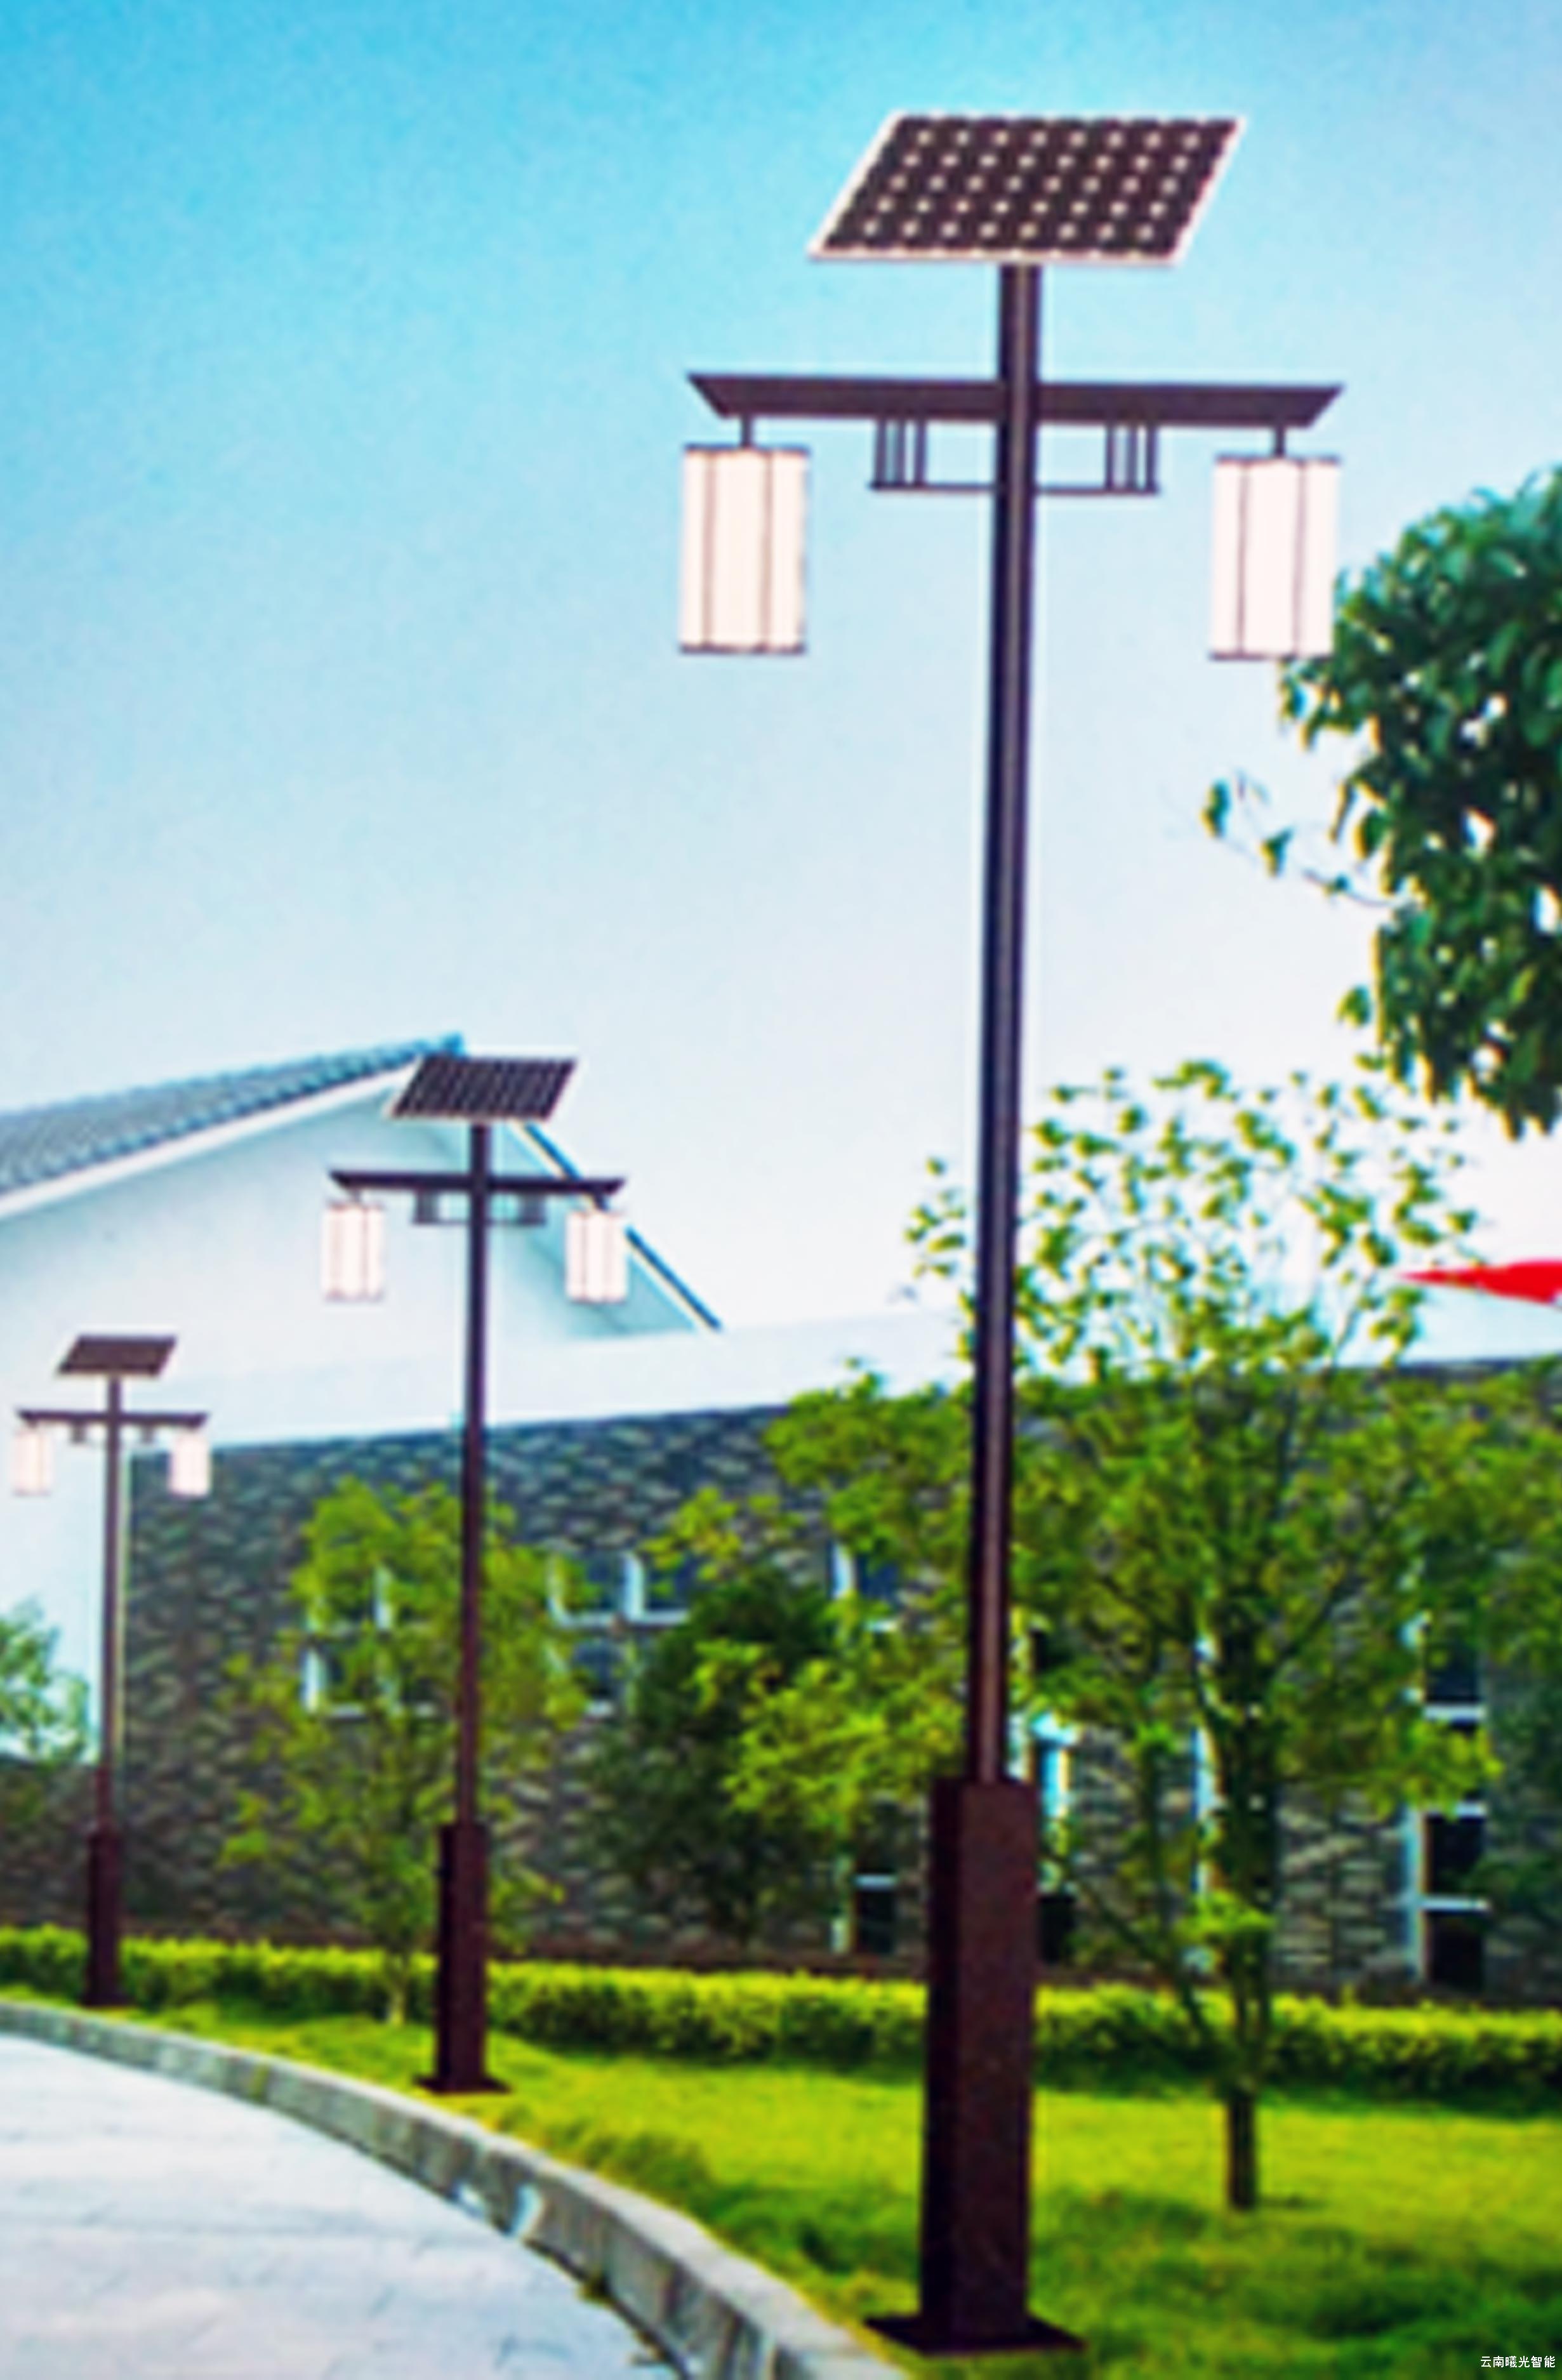 太阳能路灯庭院灯  太阳能庭院路灯结构设计富有艺术